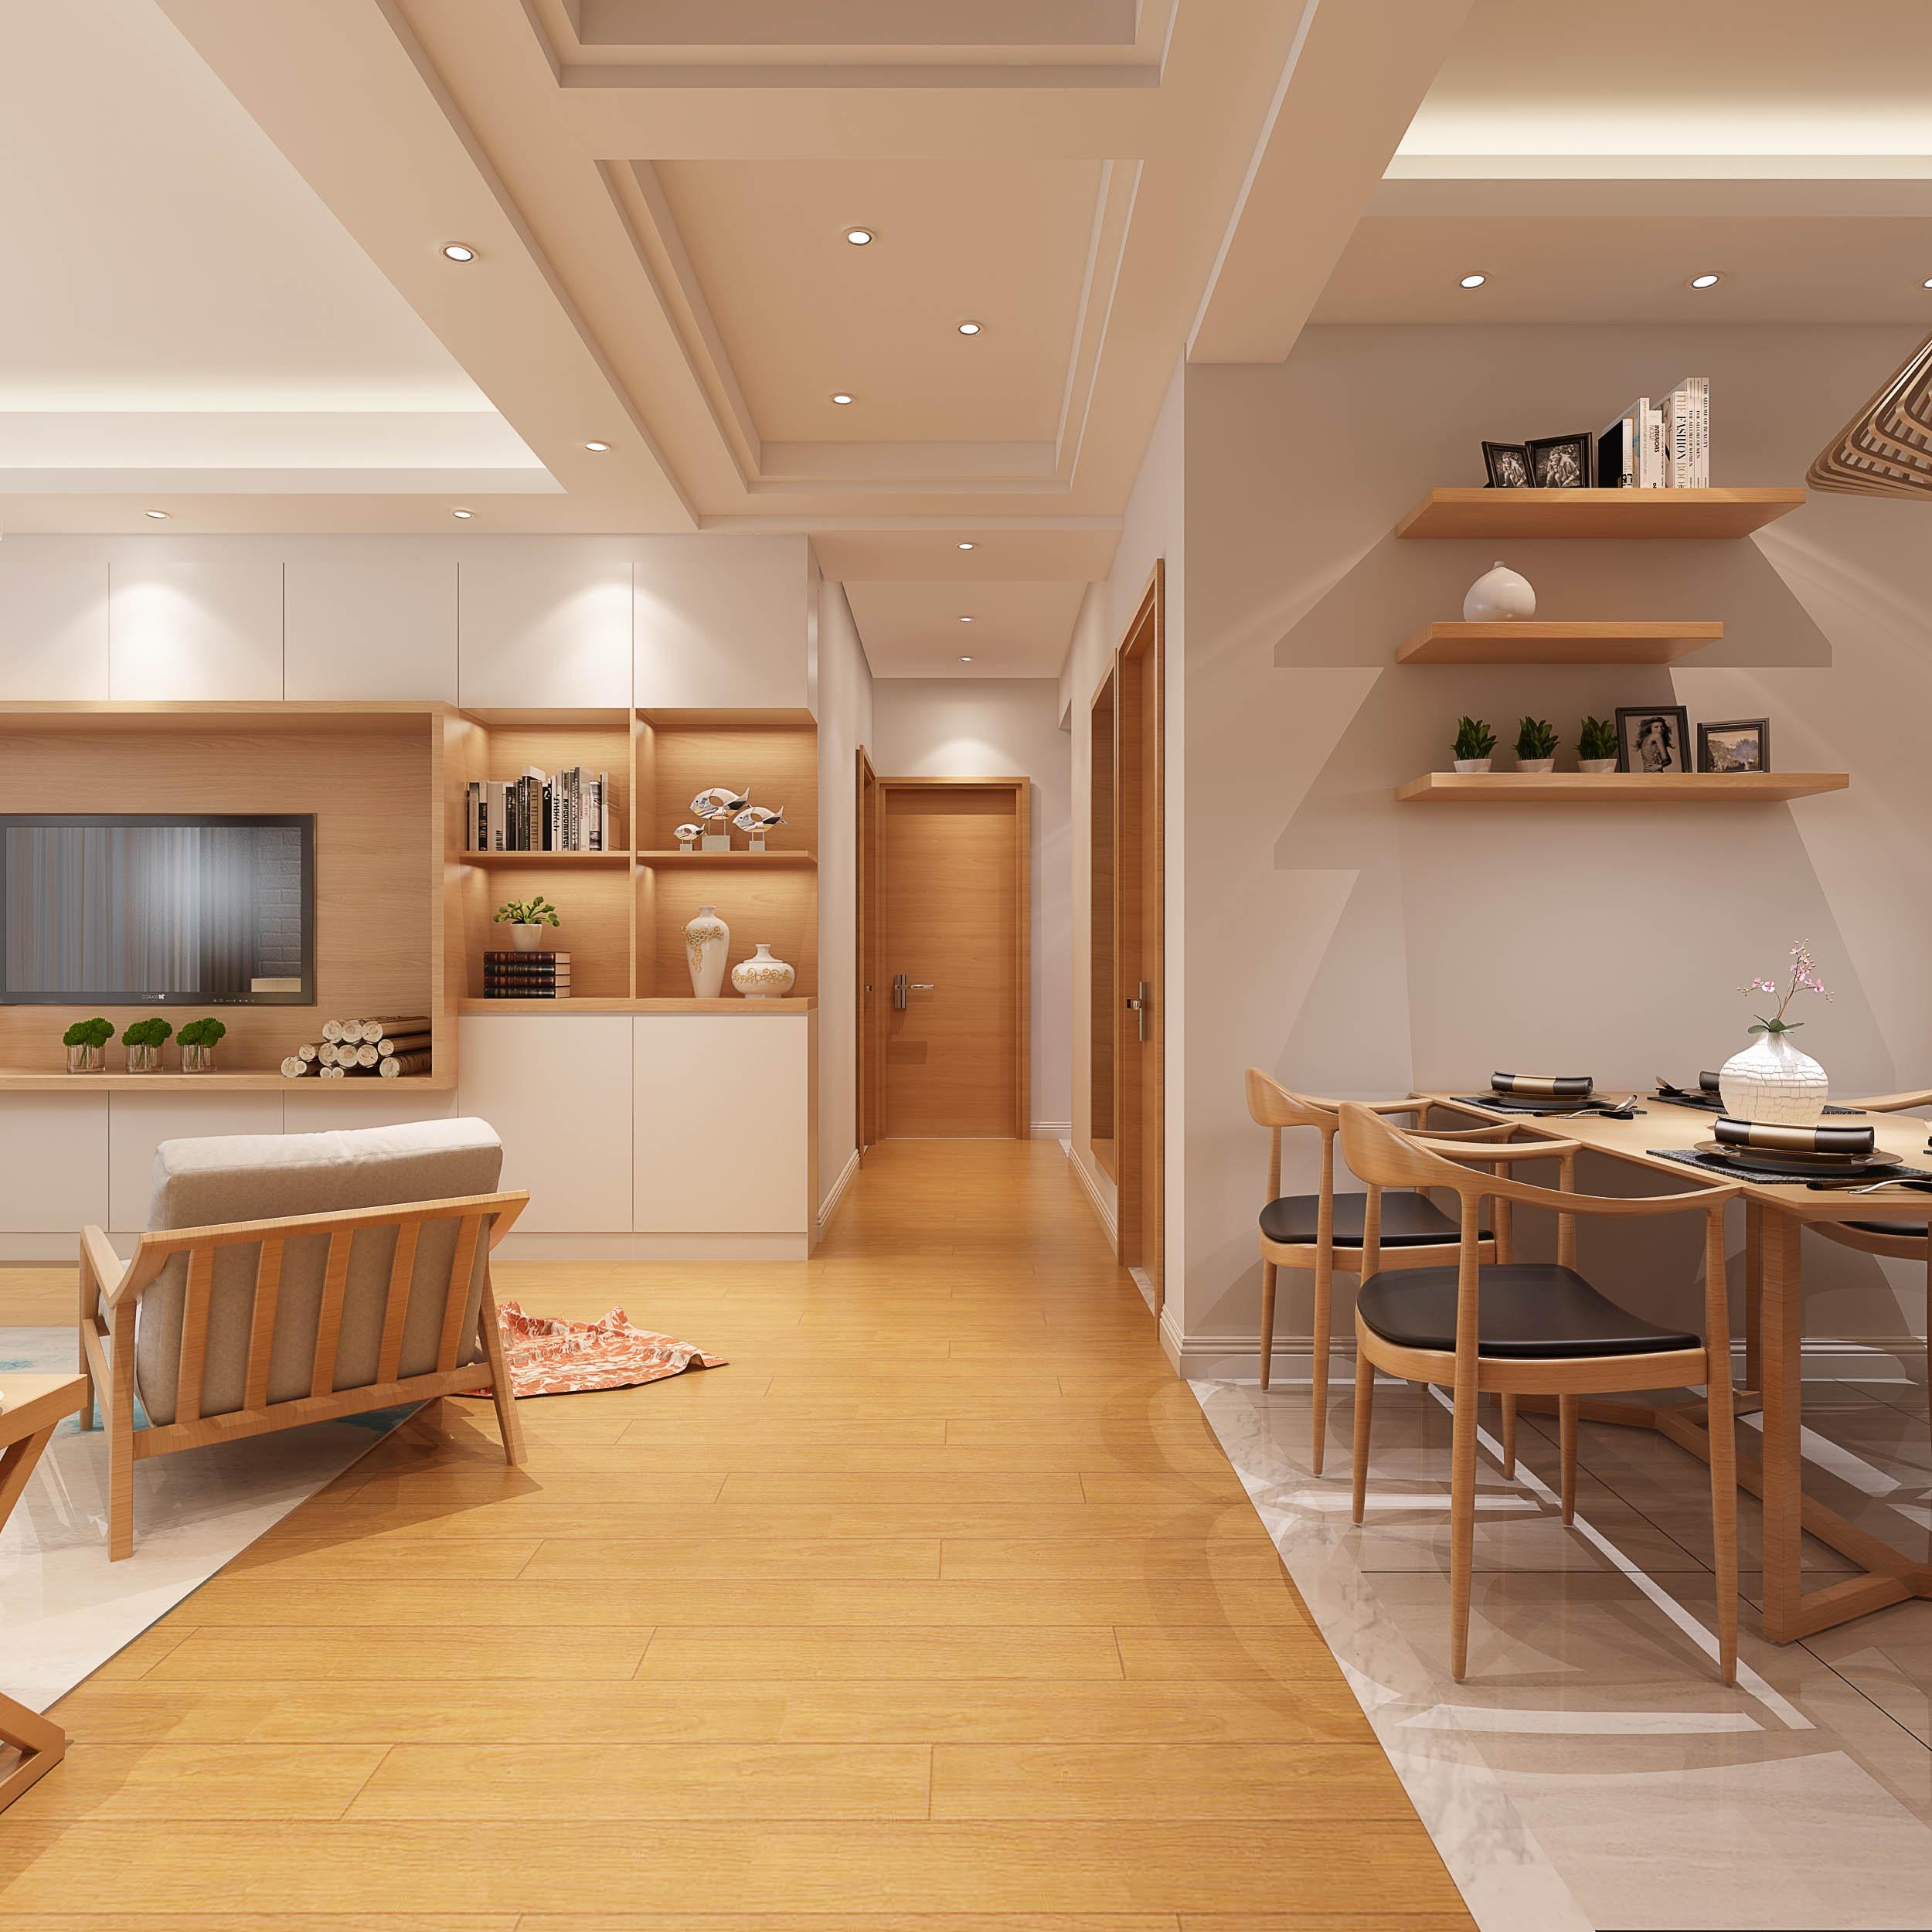 简洁朴素 日式风格 三居室